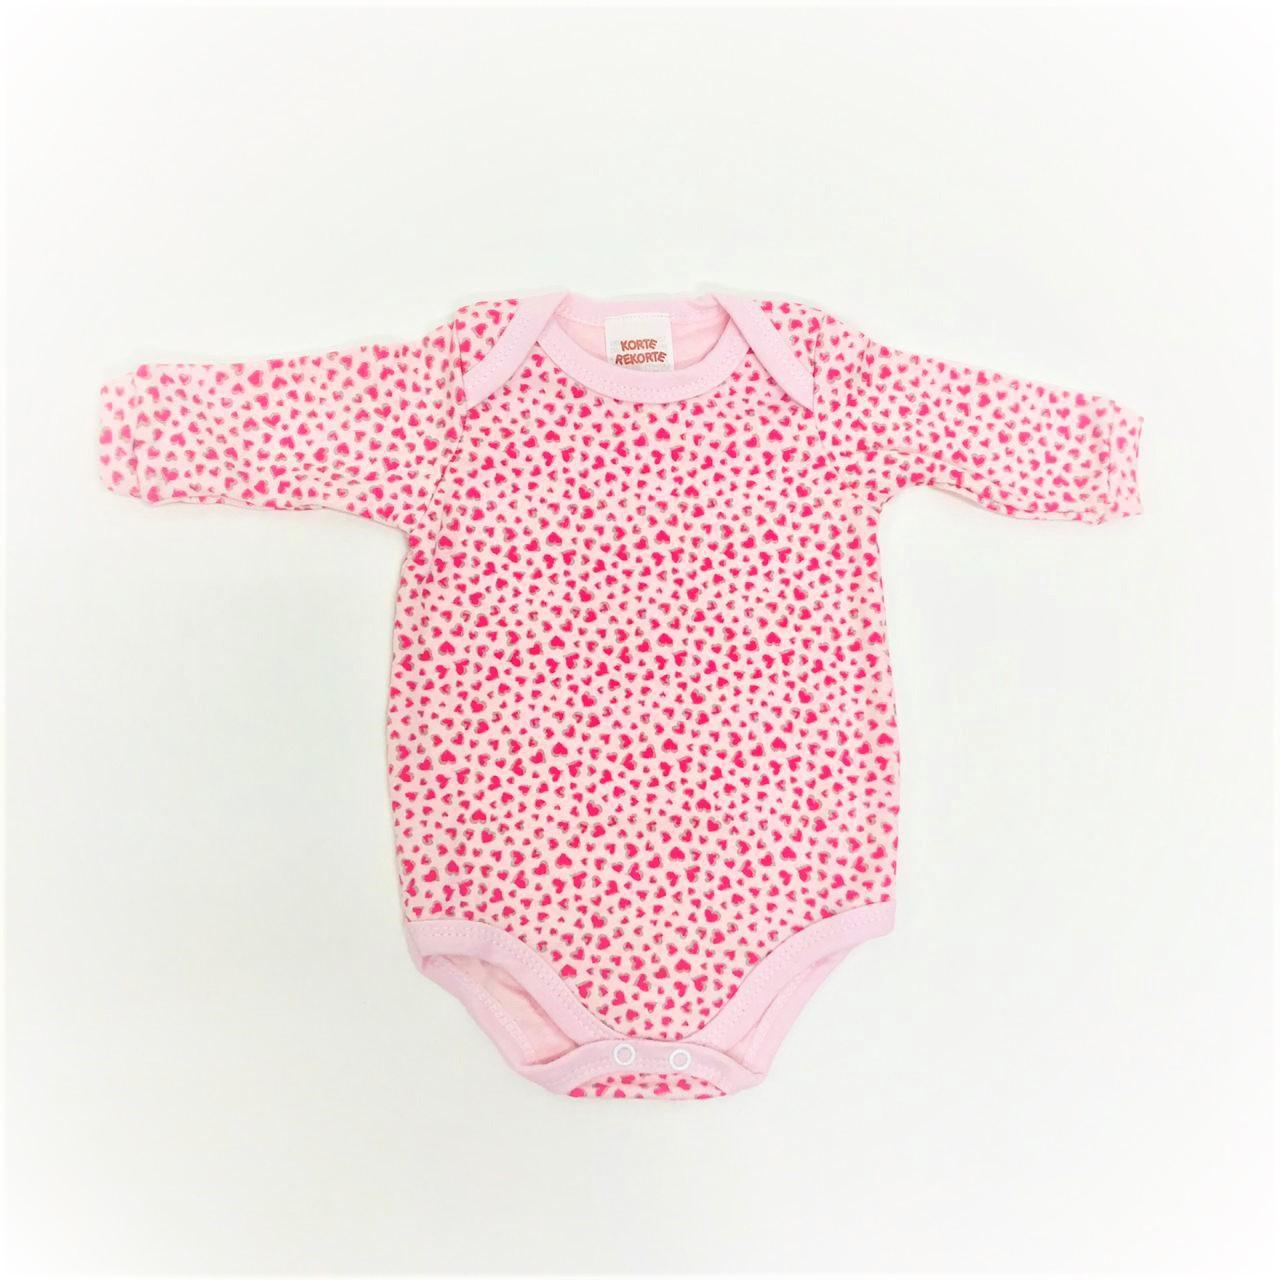 Body De Bebê Manga Longa Coraçãozinho Rosa - Korte Rekorte